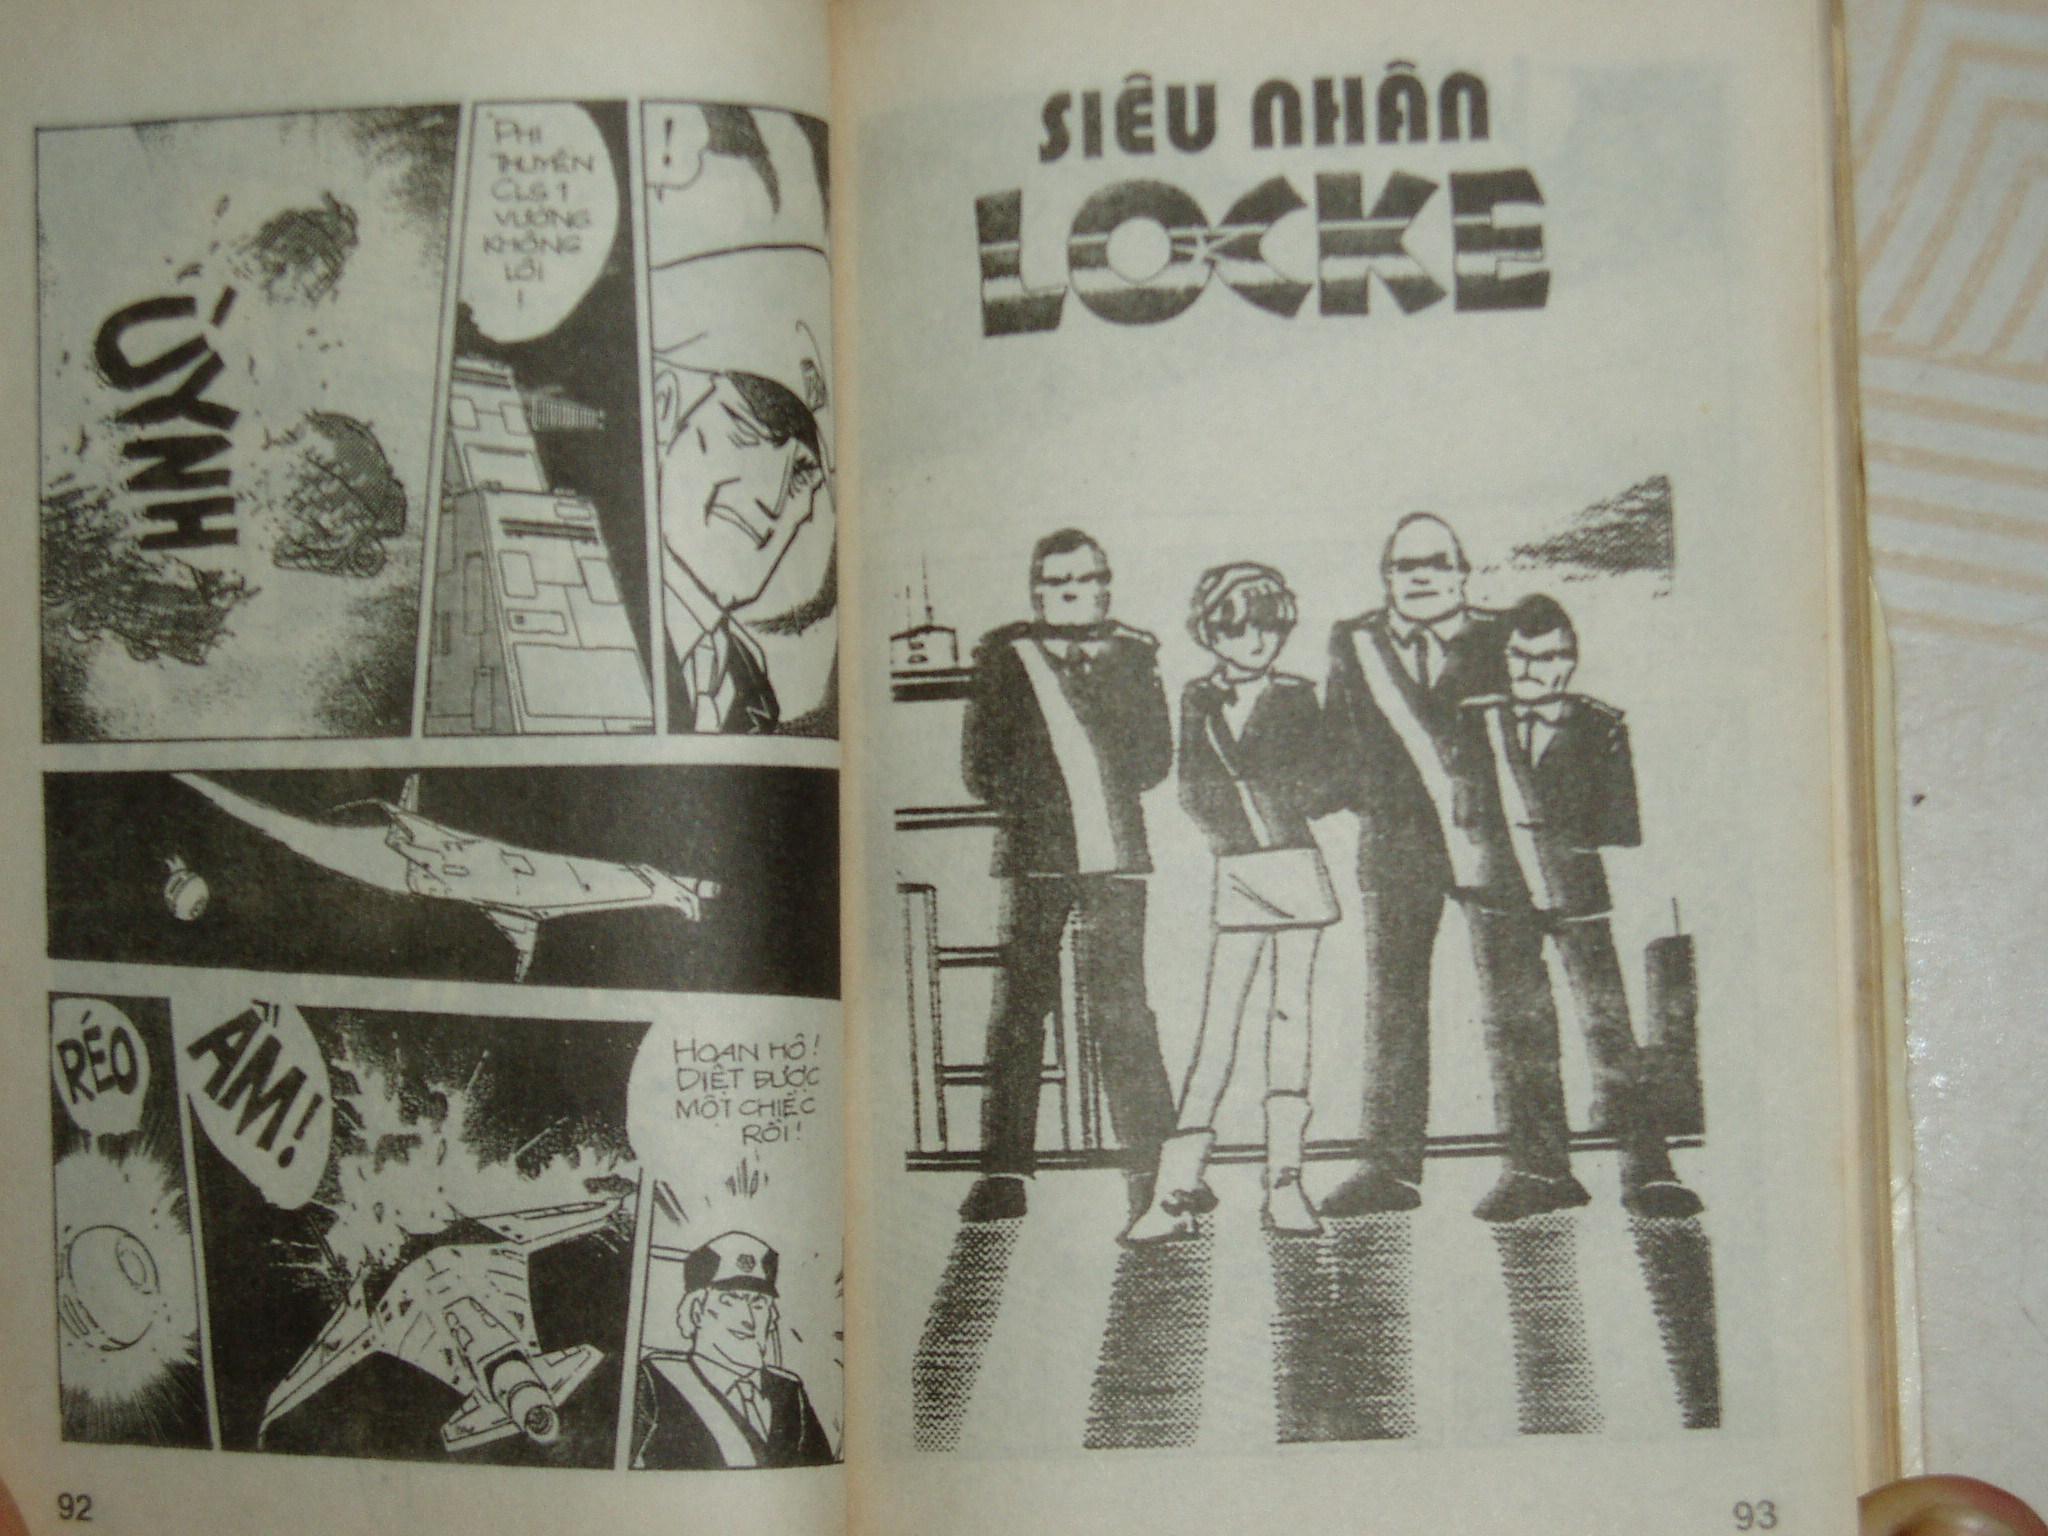 Siêu nhân Locke vol 13 trang 44